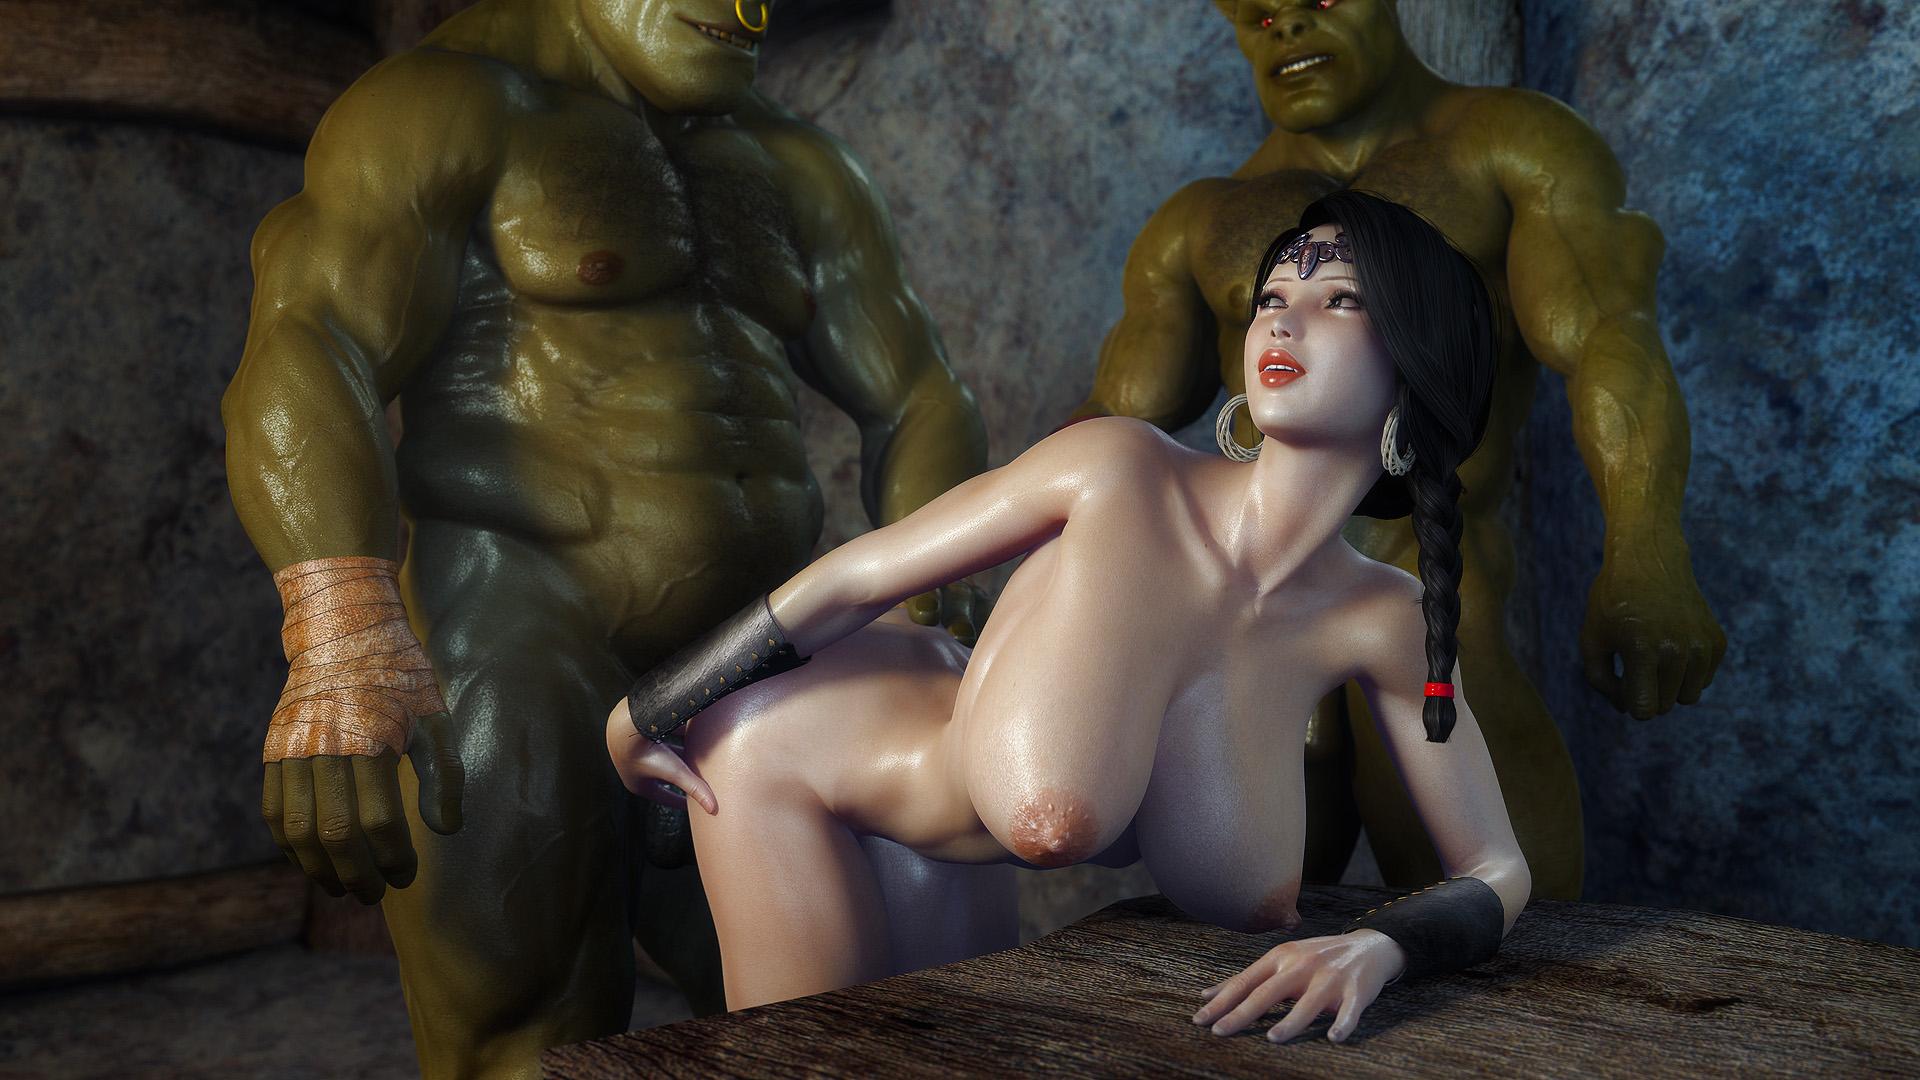 Erotikoyunbedavaindir naked clip